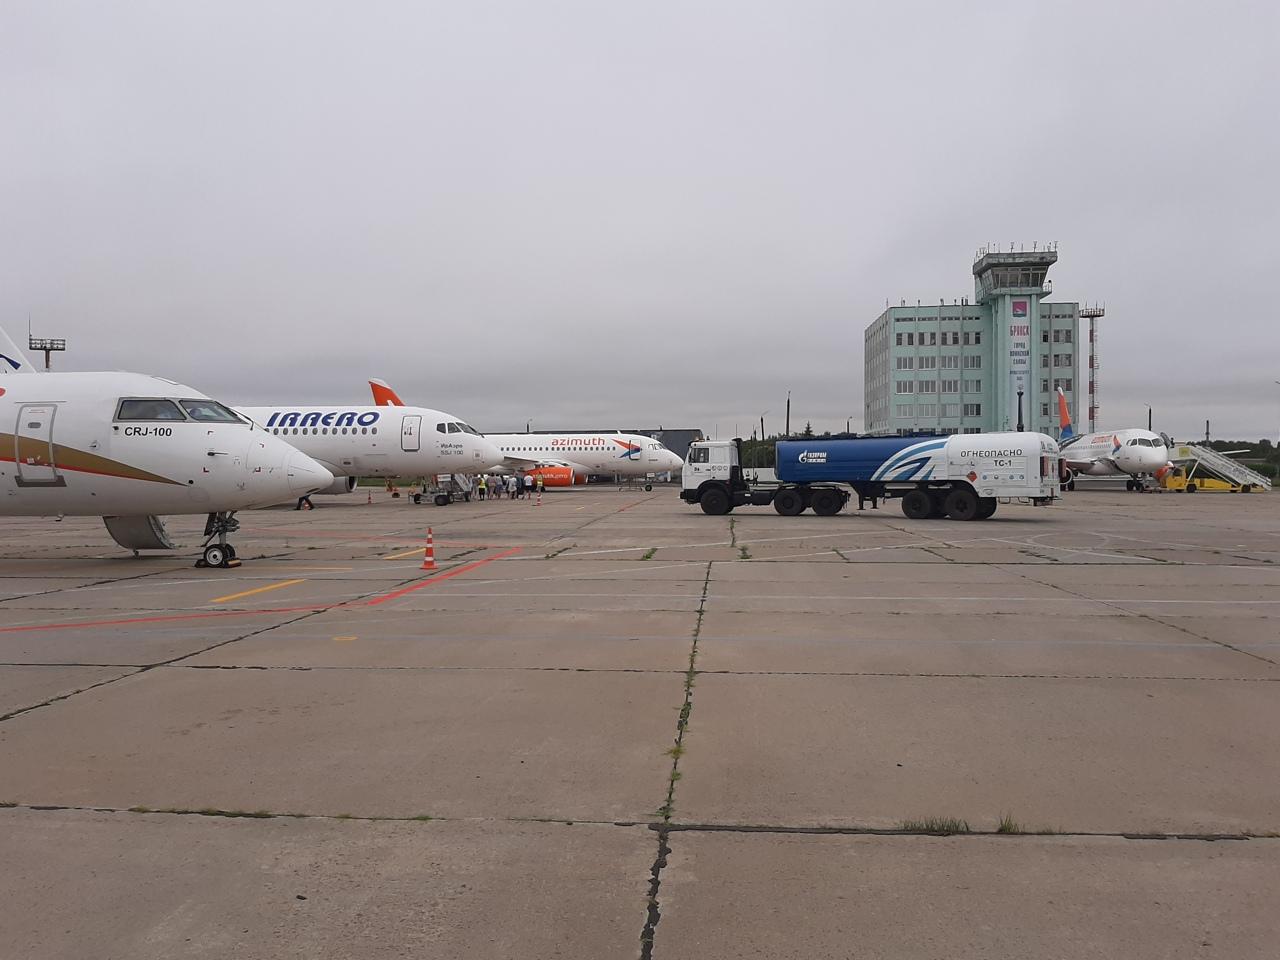 Брянский аэропорт отменил все рейсы из-за тумана